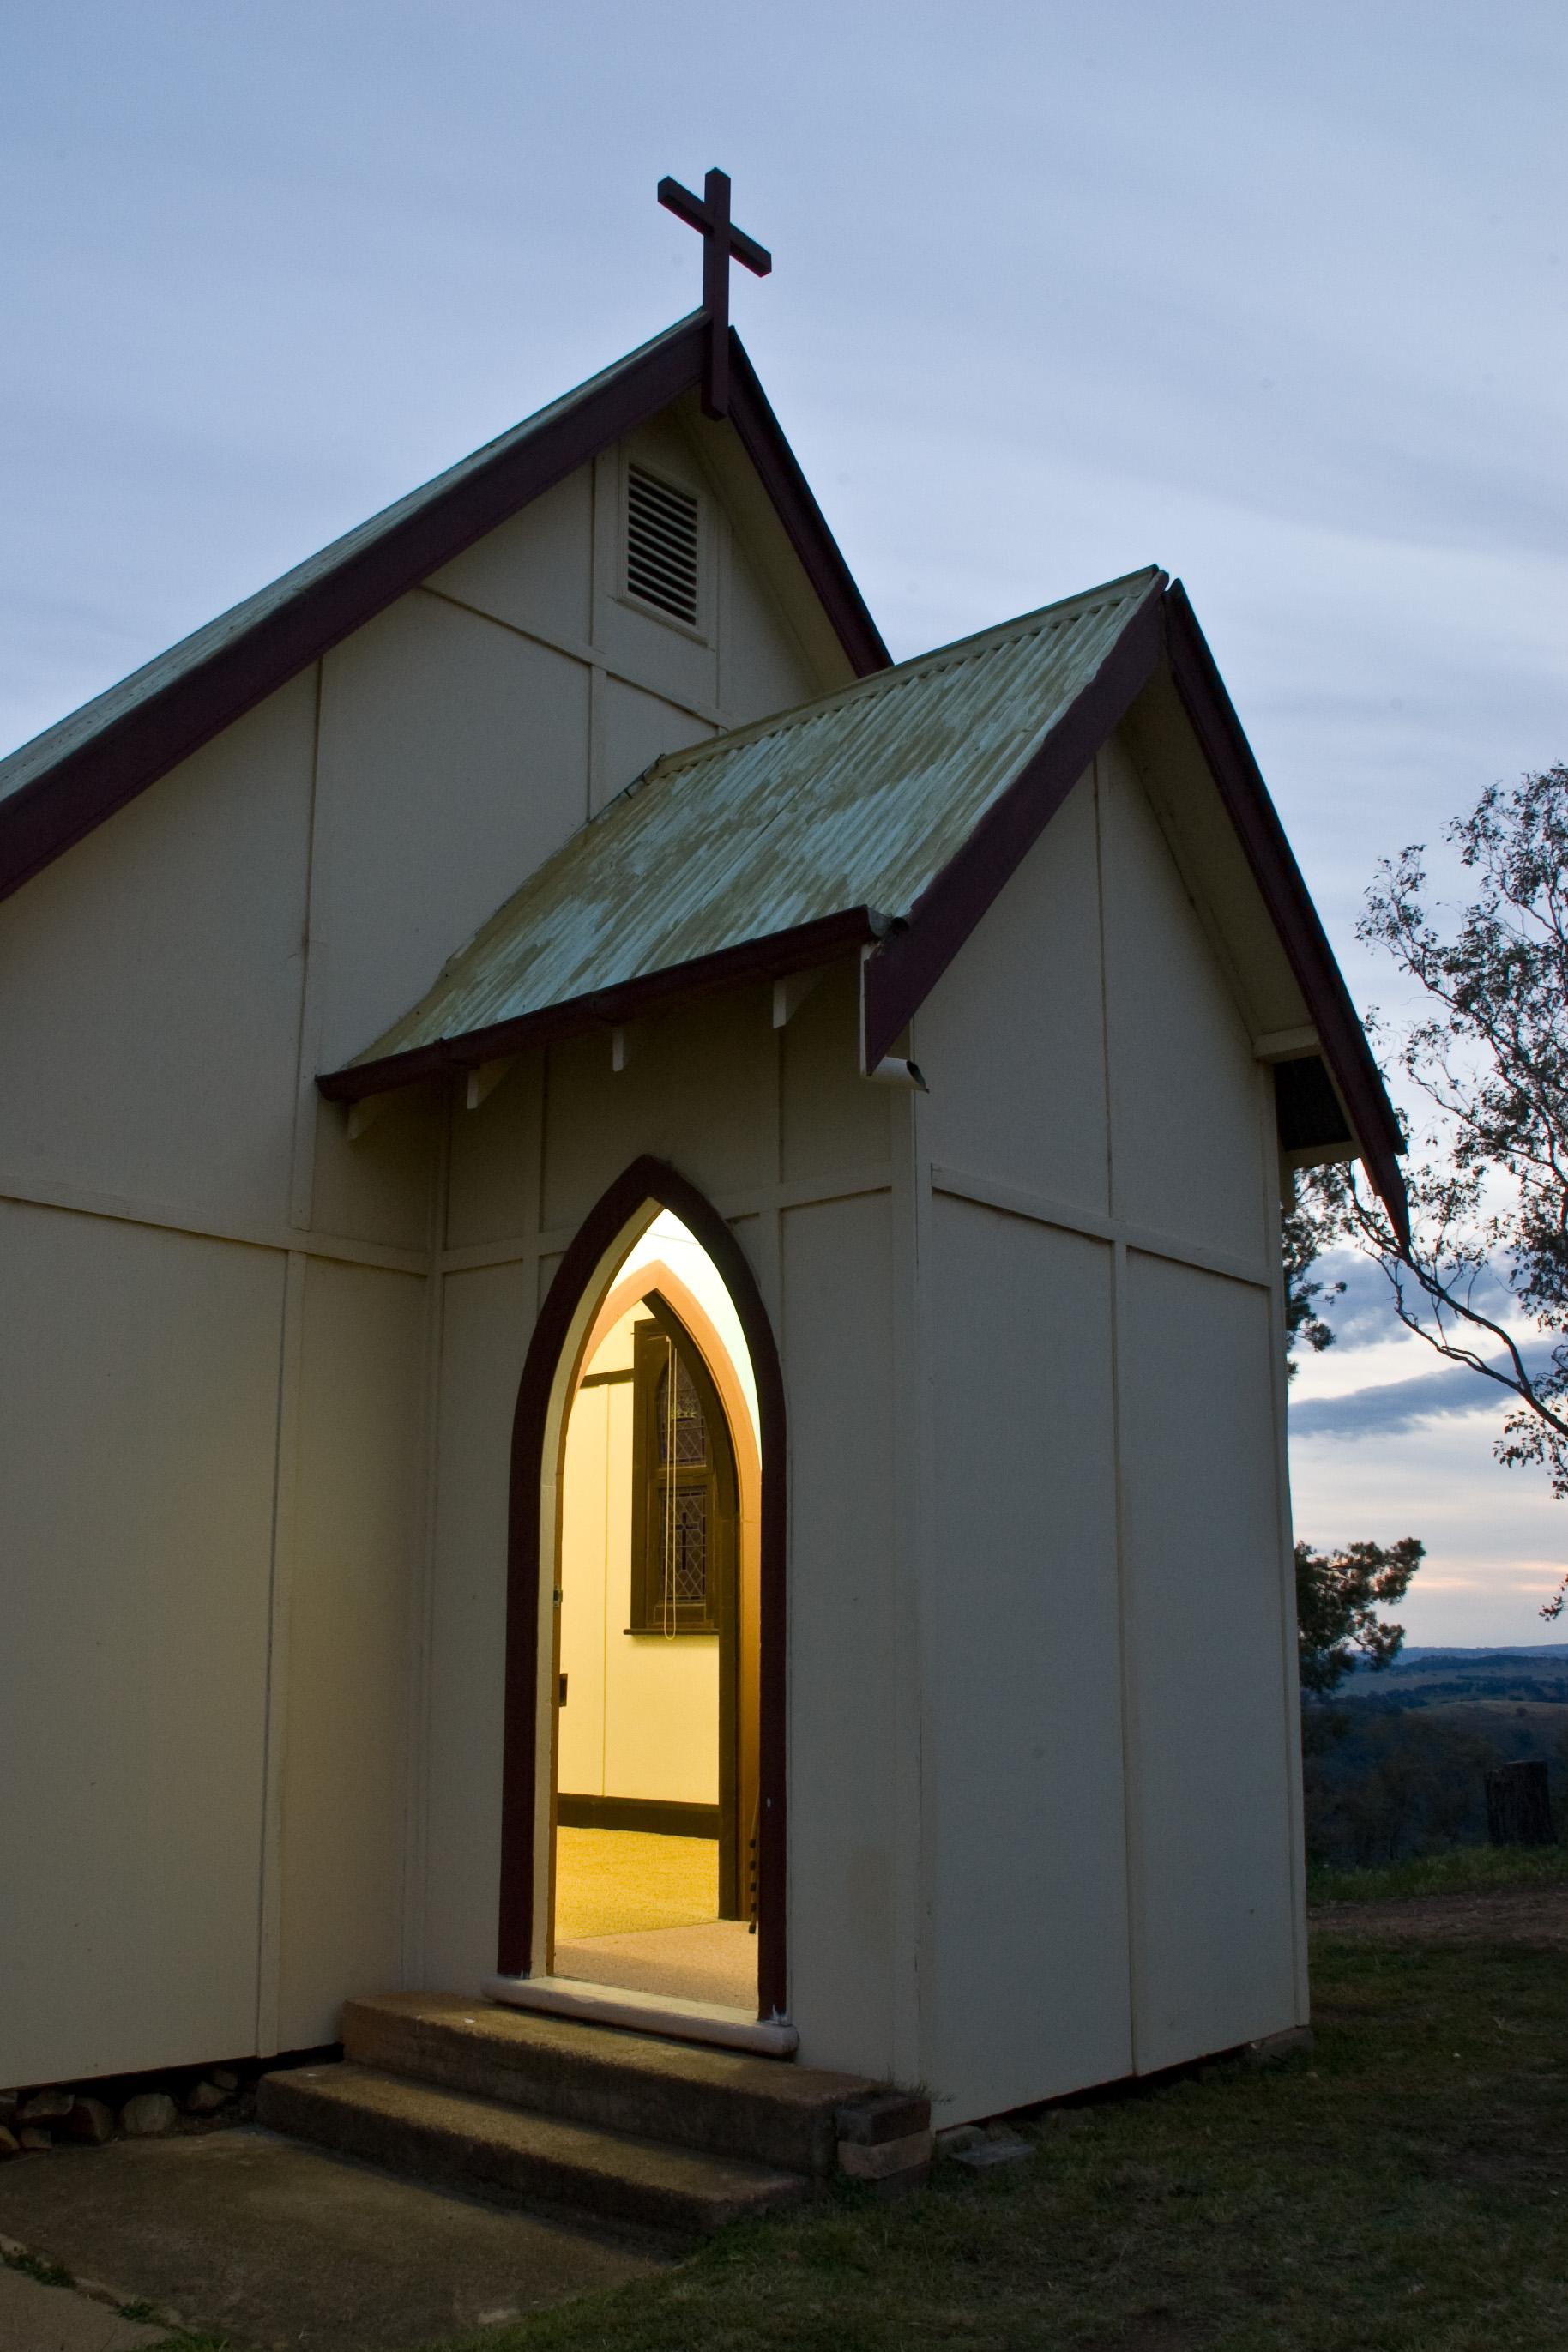 Chapel_0180-HiRes-FMD.jpg